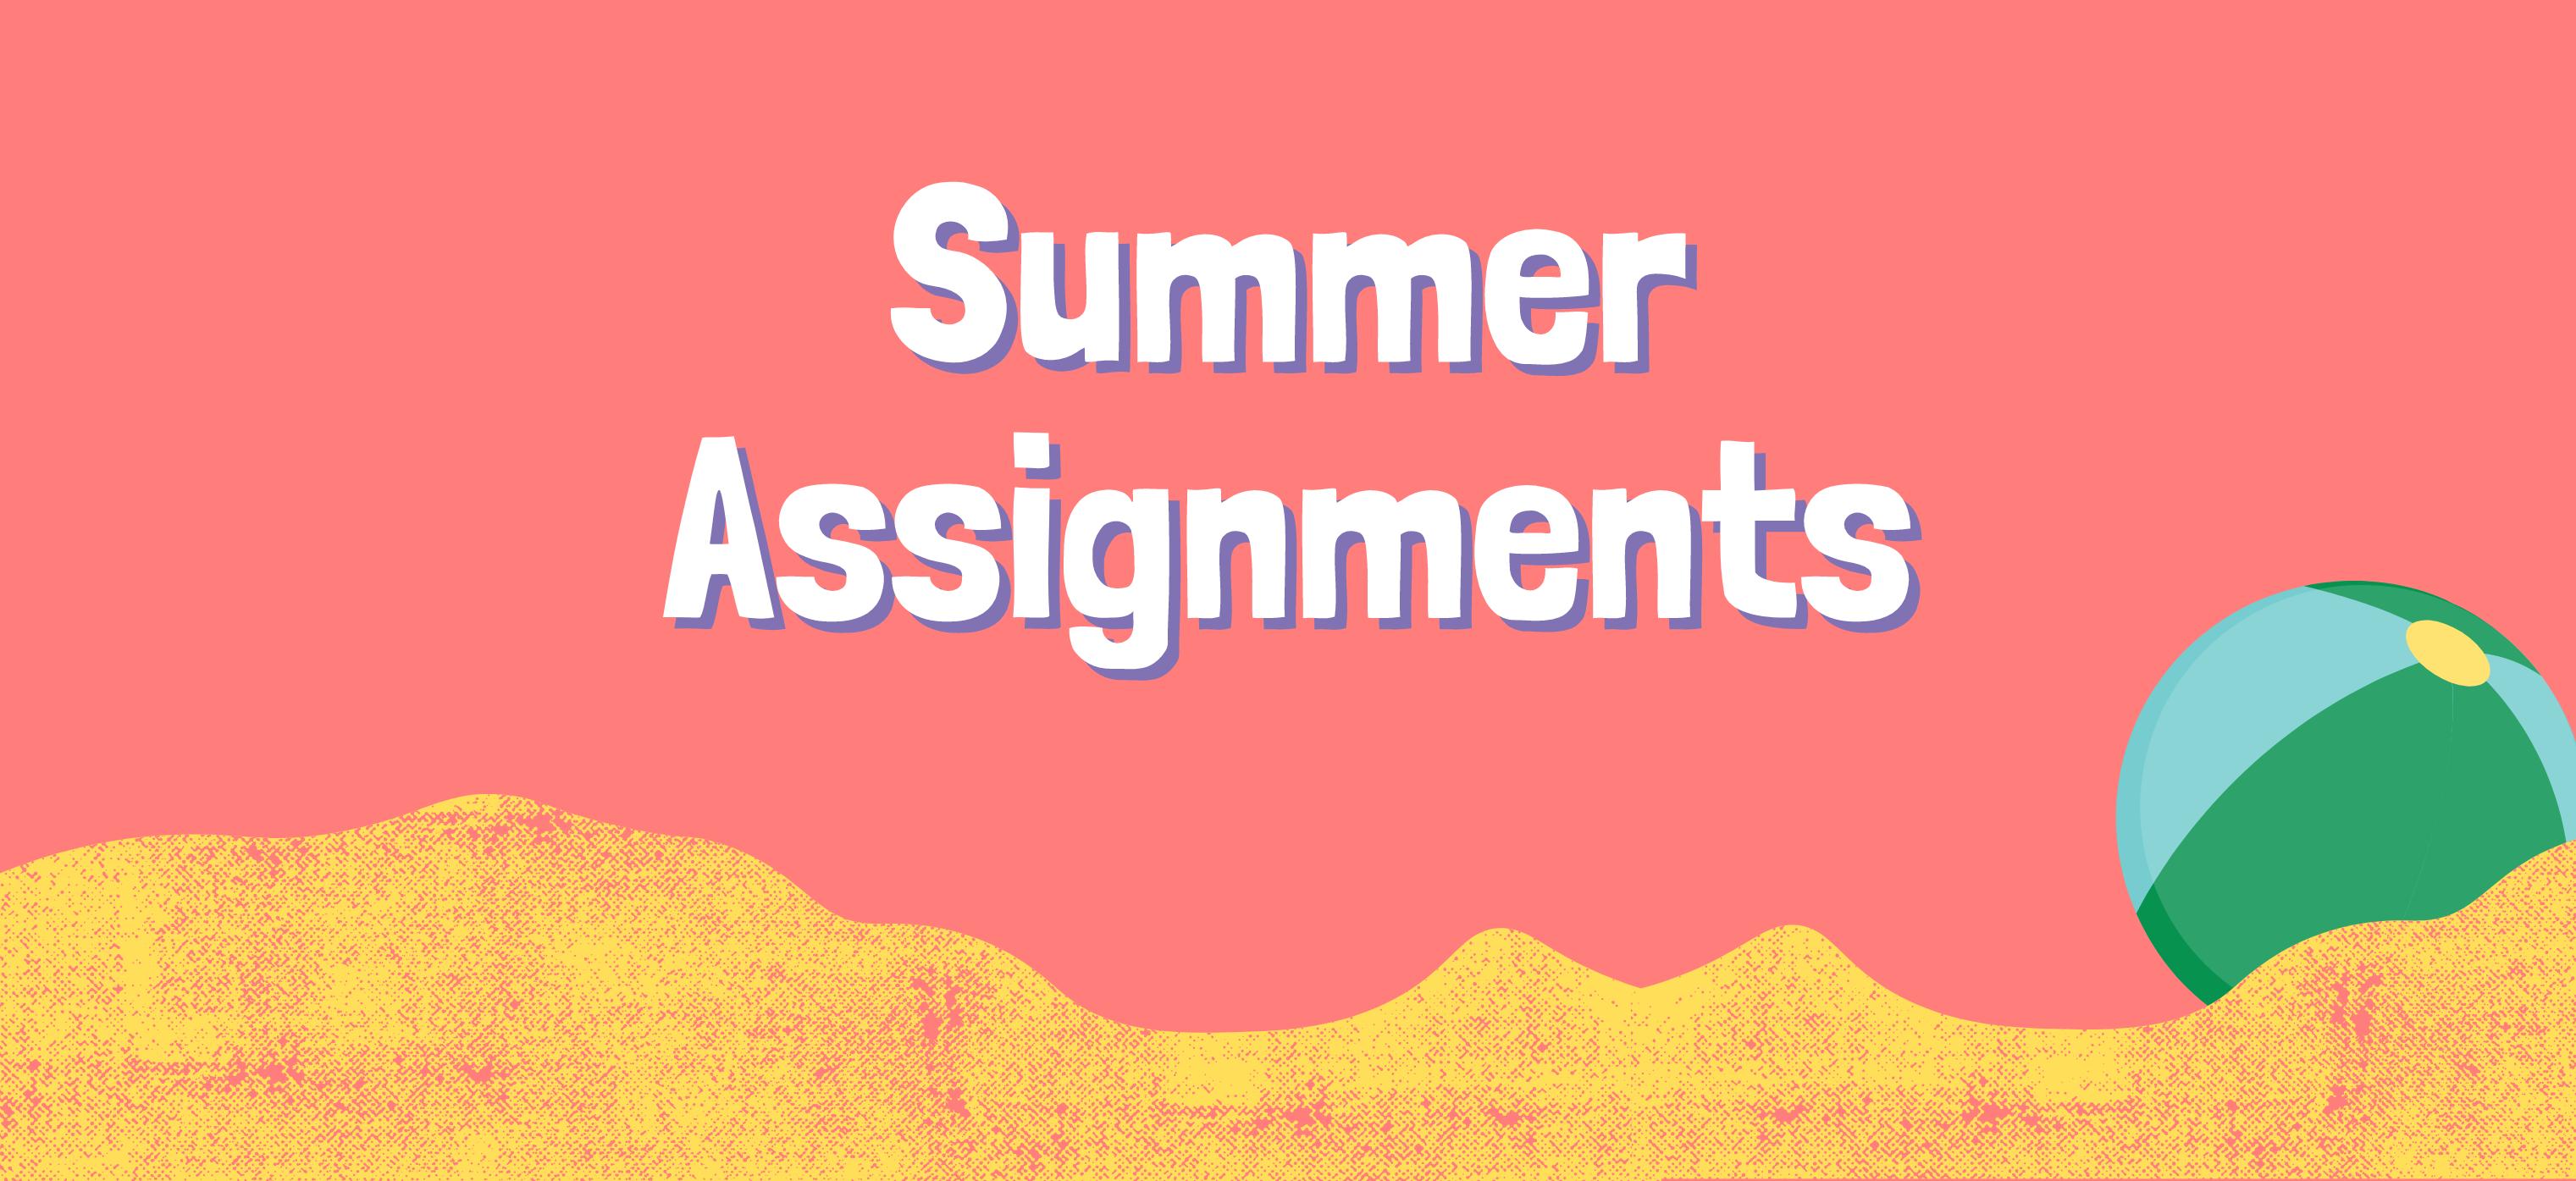 Sommeraufgaben für das Schuljahr 2021/22!